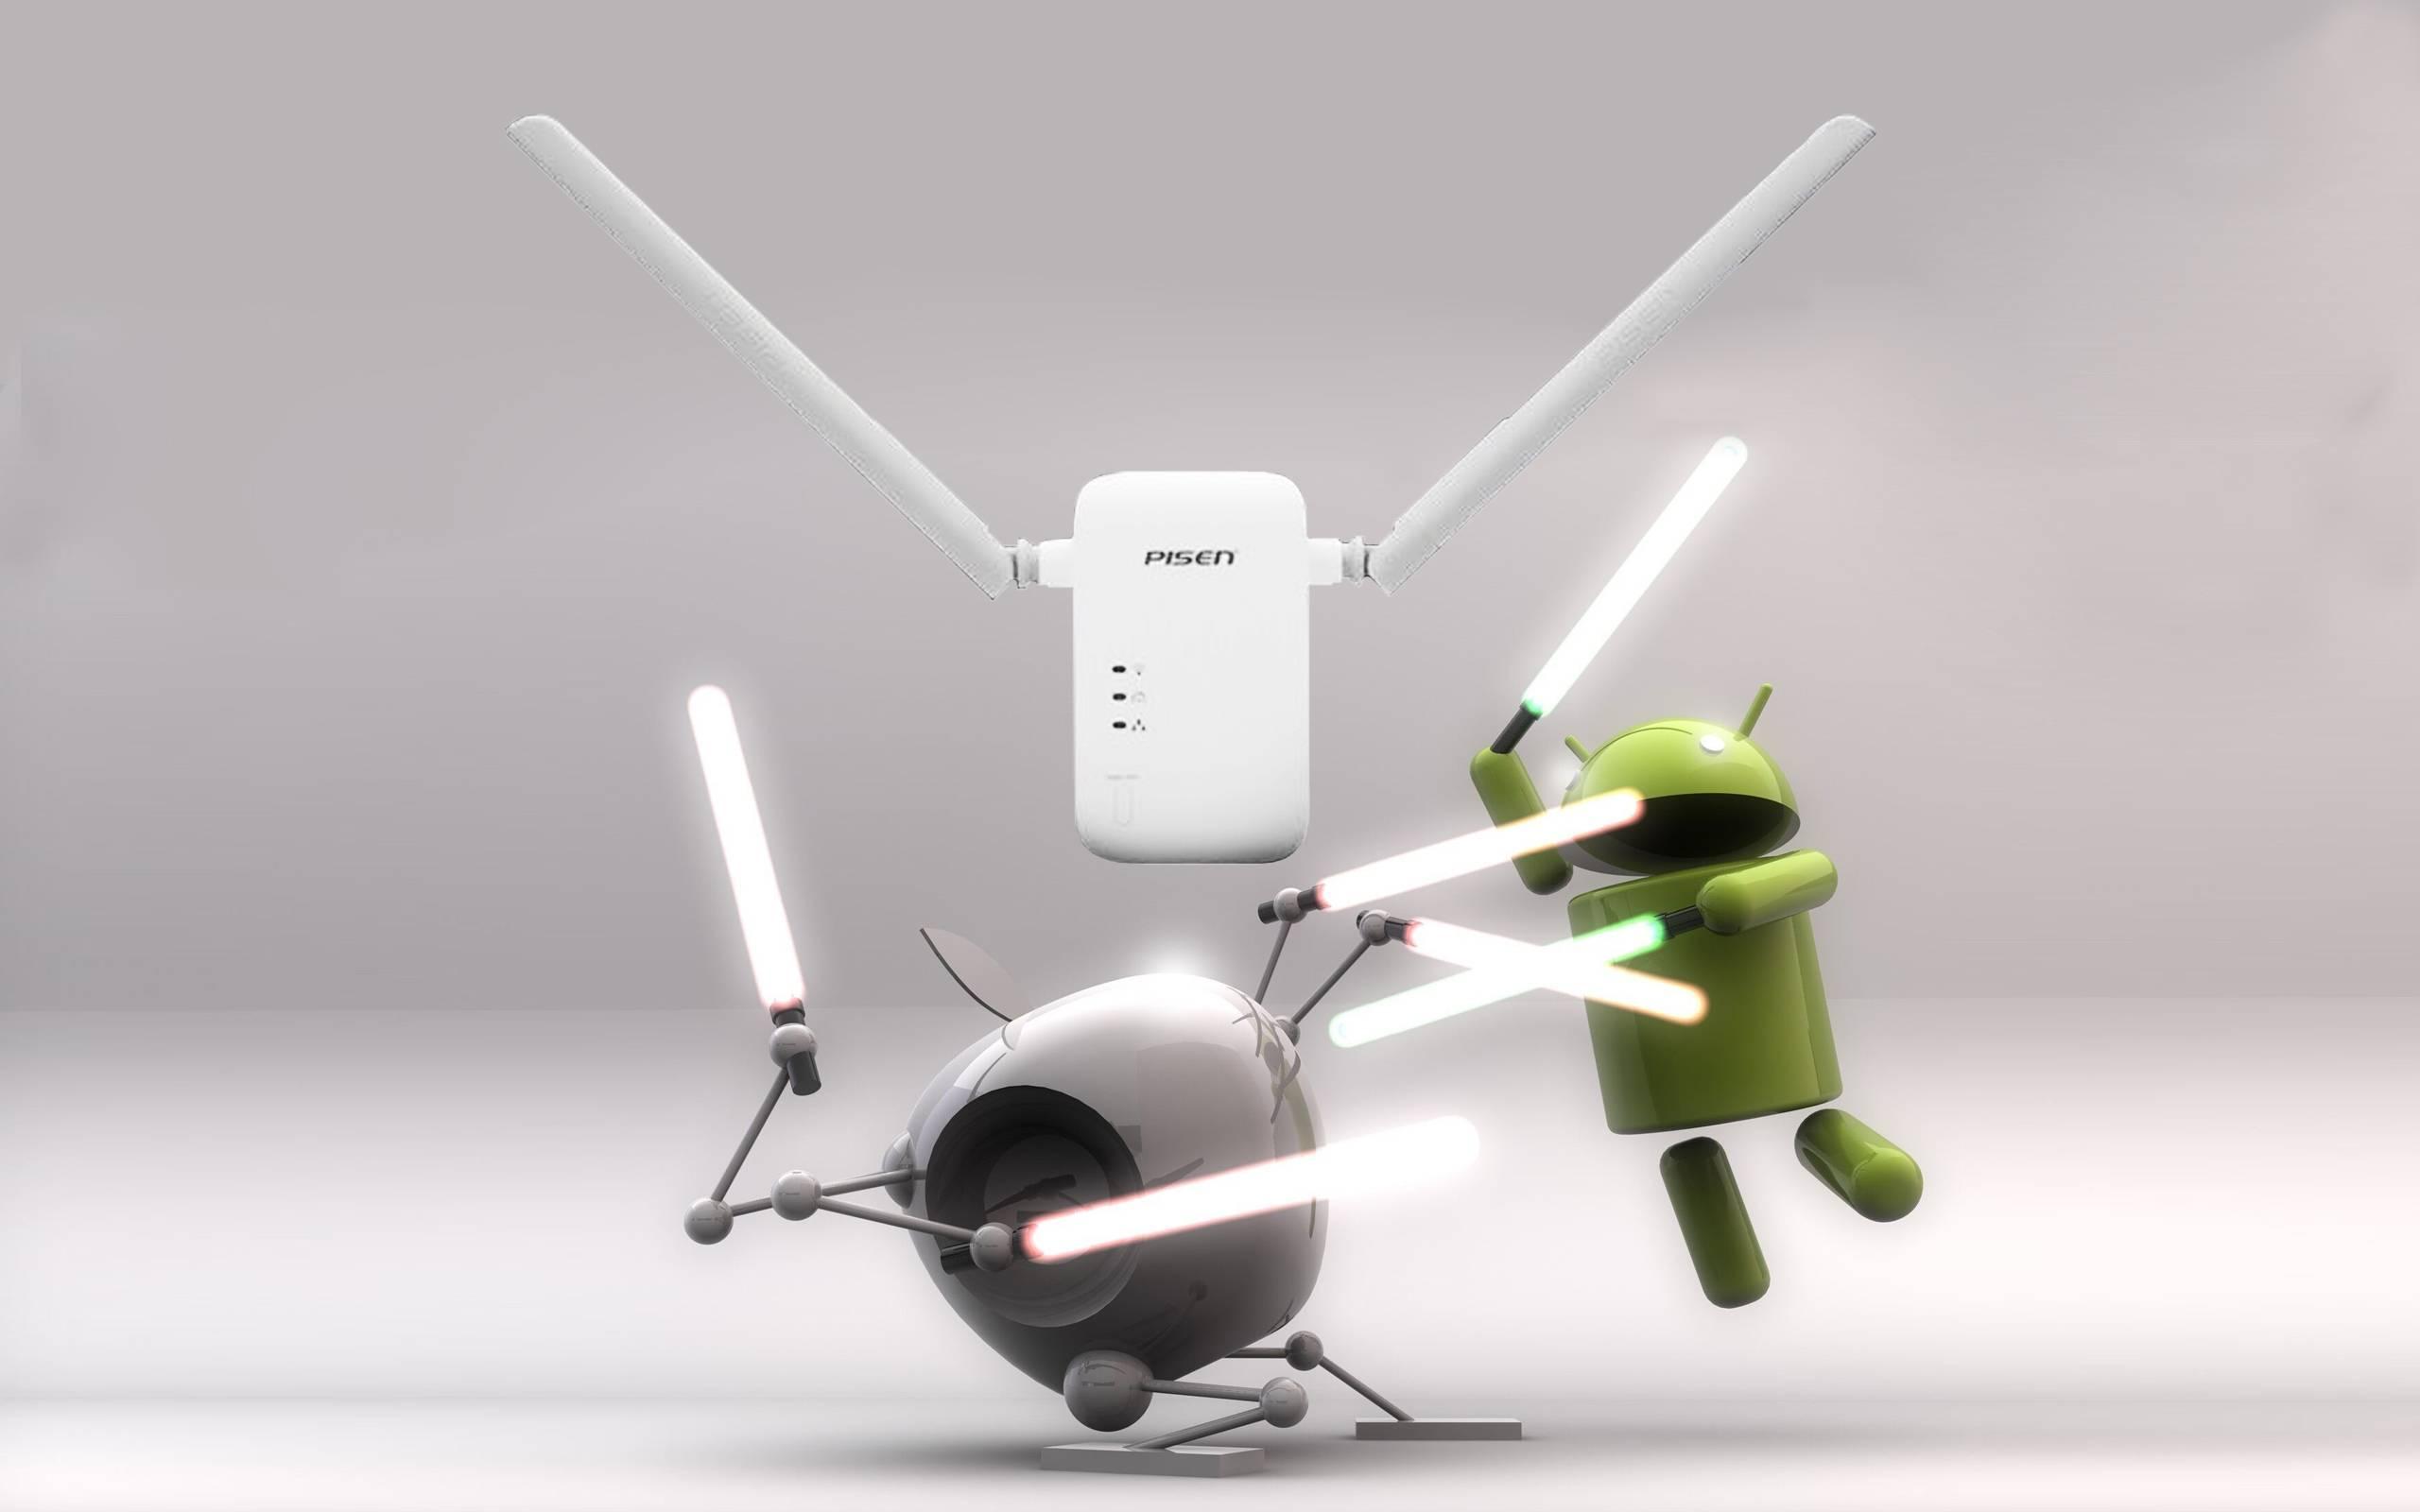 品胜不生产wifi信号,这次要当信号搬运工#有奖#